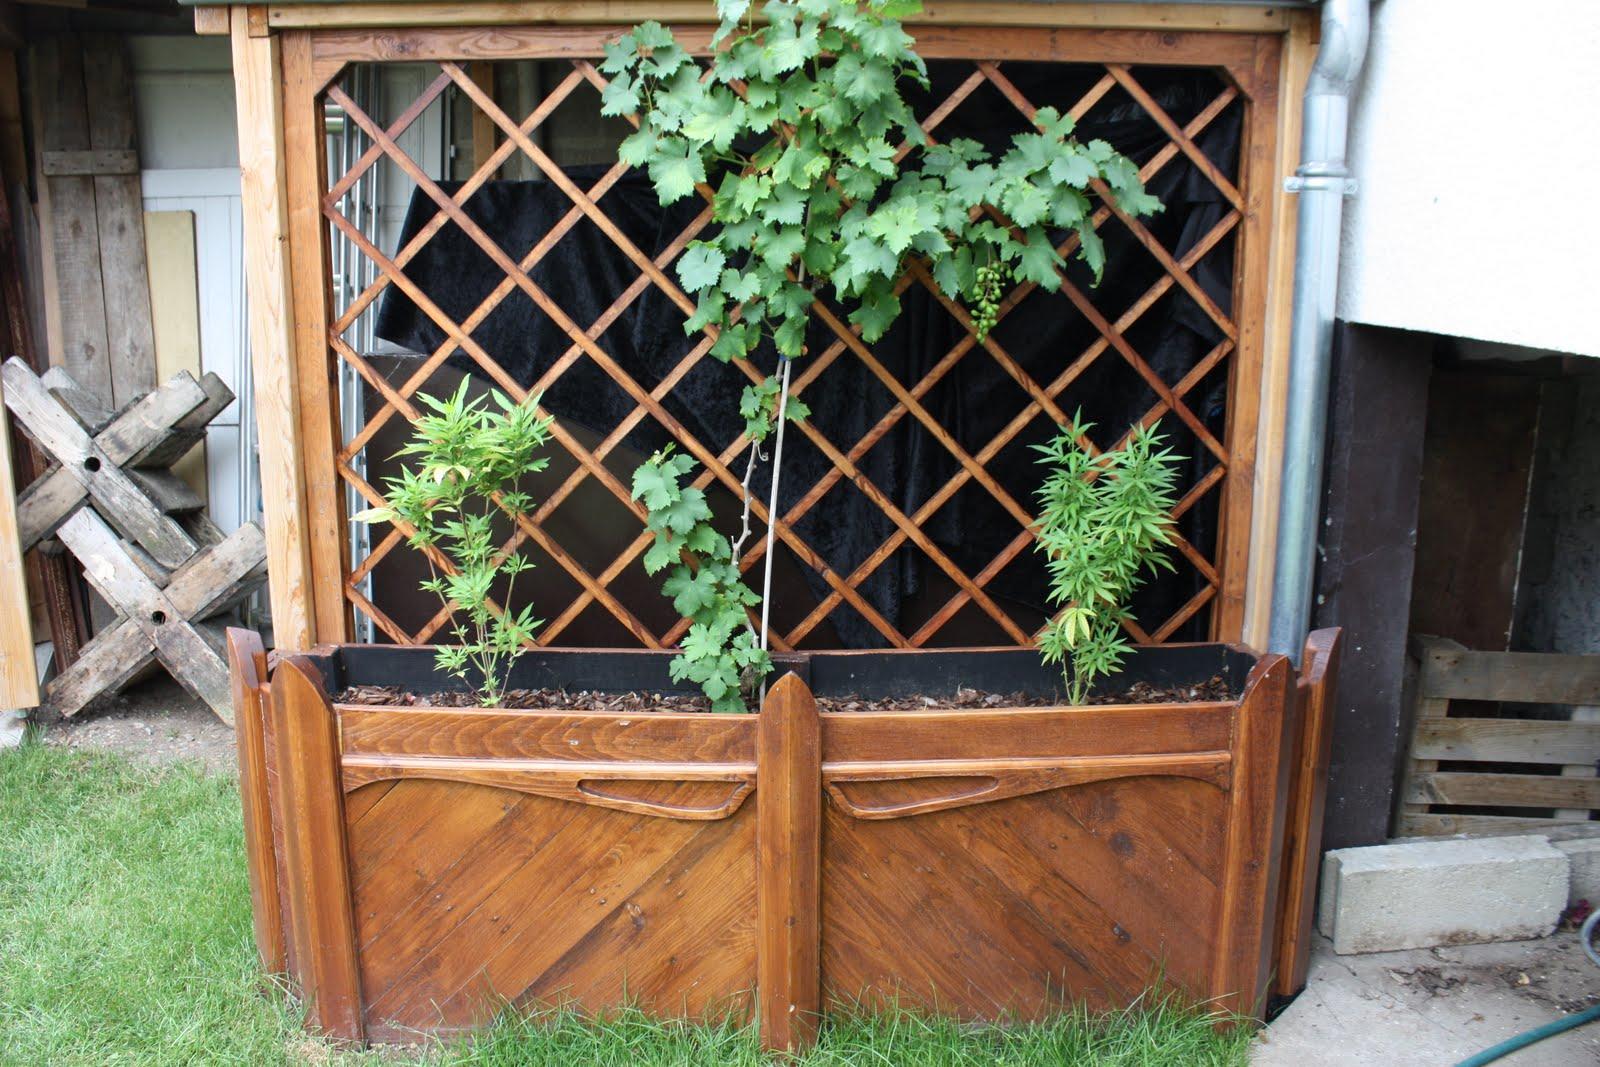 Phil le celte la jardiniere et son treillis suite et fin - Jardiniere treillis ...